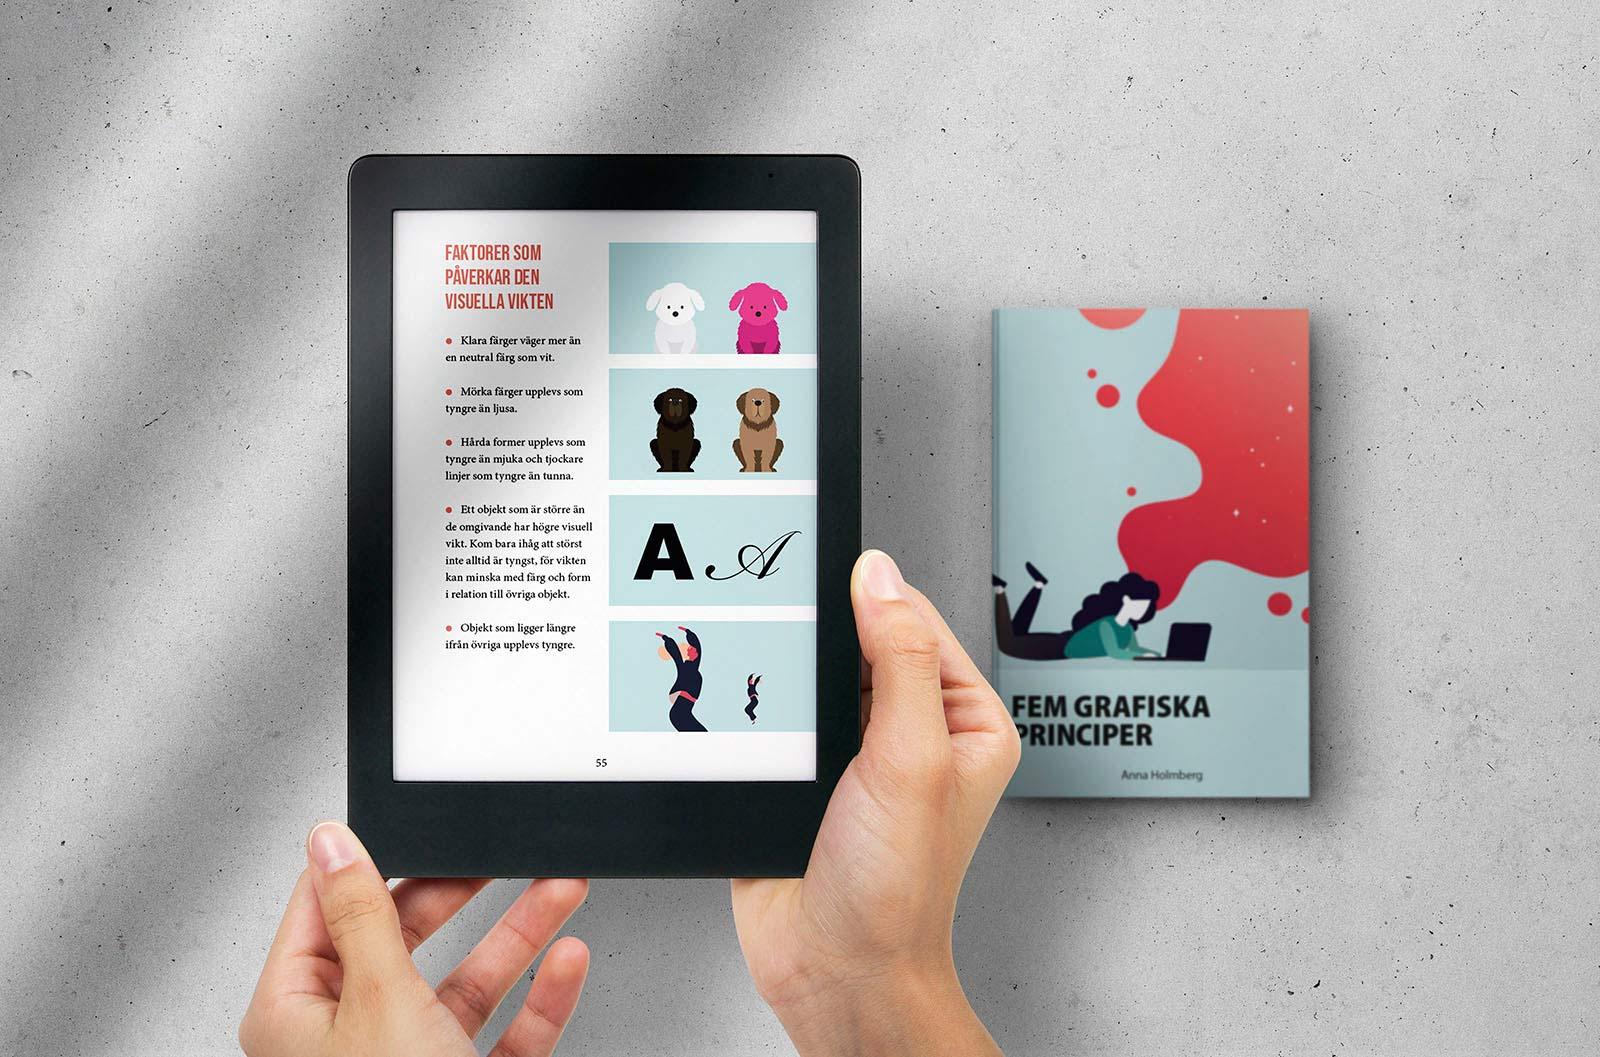 Händer som håller i surfplatta med förhandsvisning av e-boken Fem grafiska principer. Bredvid ligger ett fysiskt exemplar av boken.